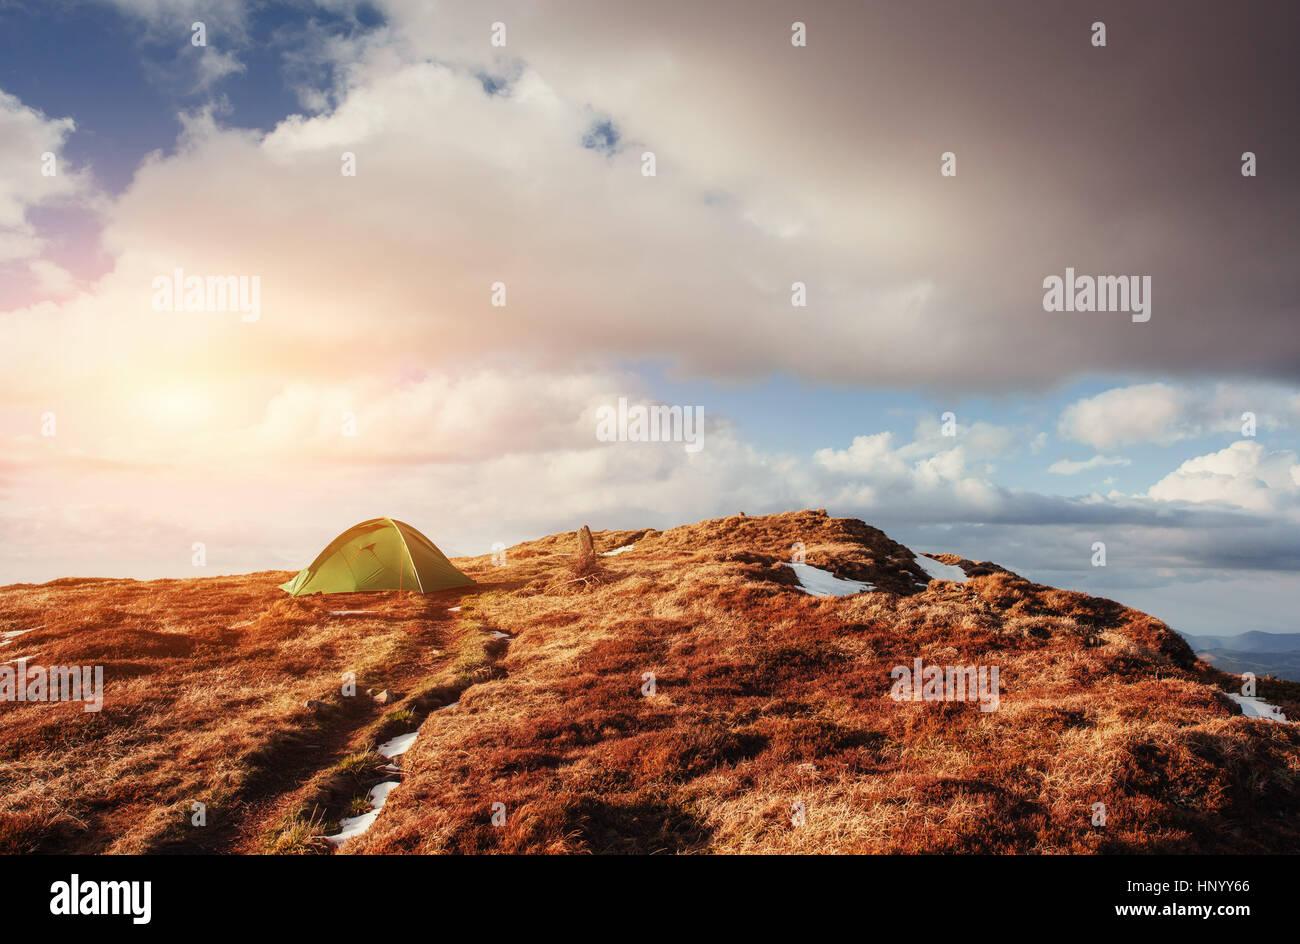 Tourist-Zelt in den Bergen im Frühjahr. Stockbild